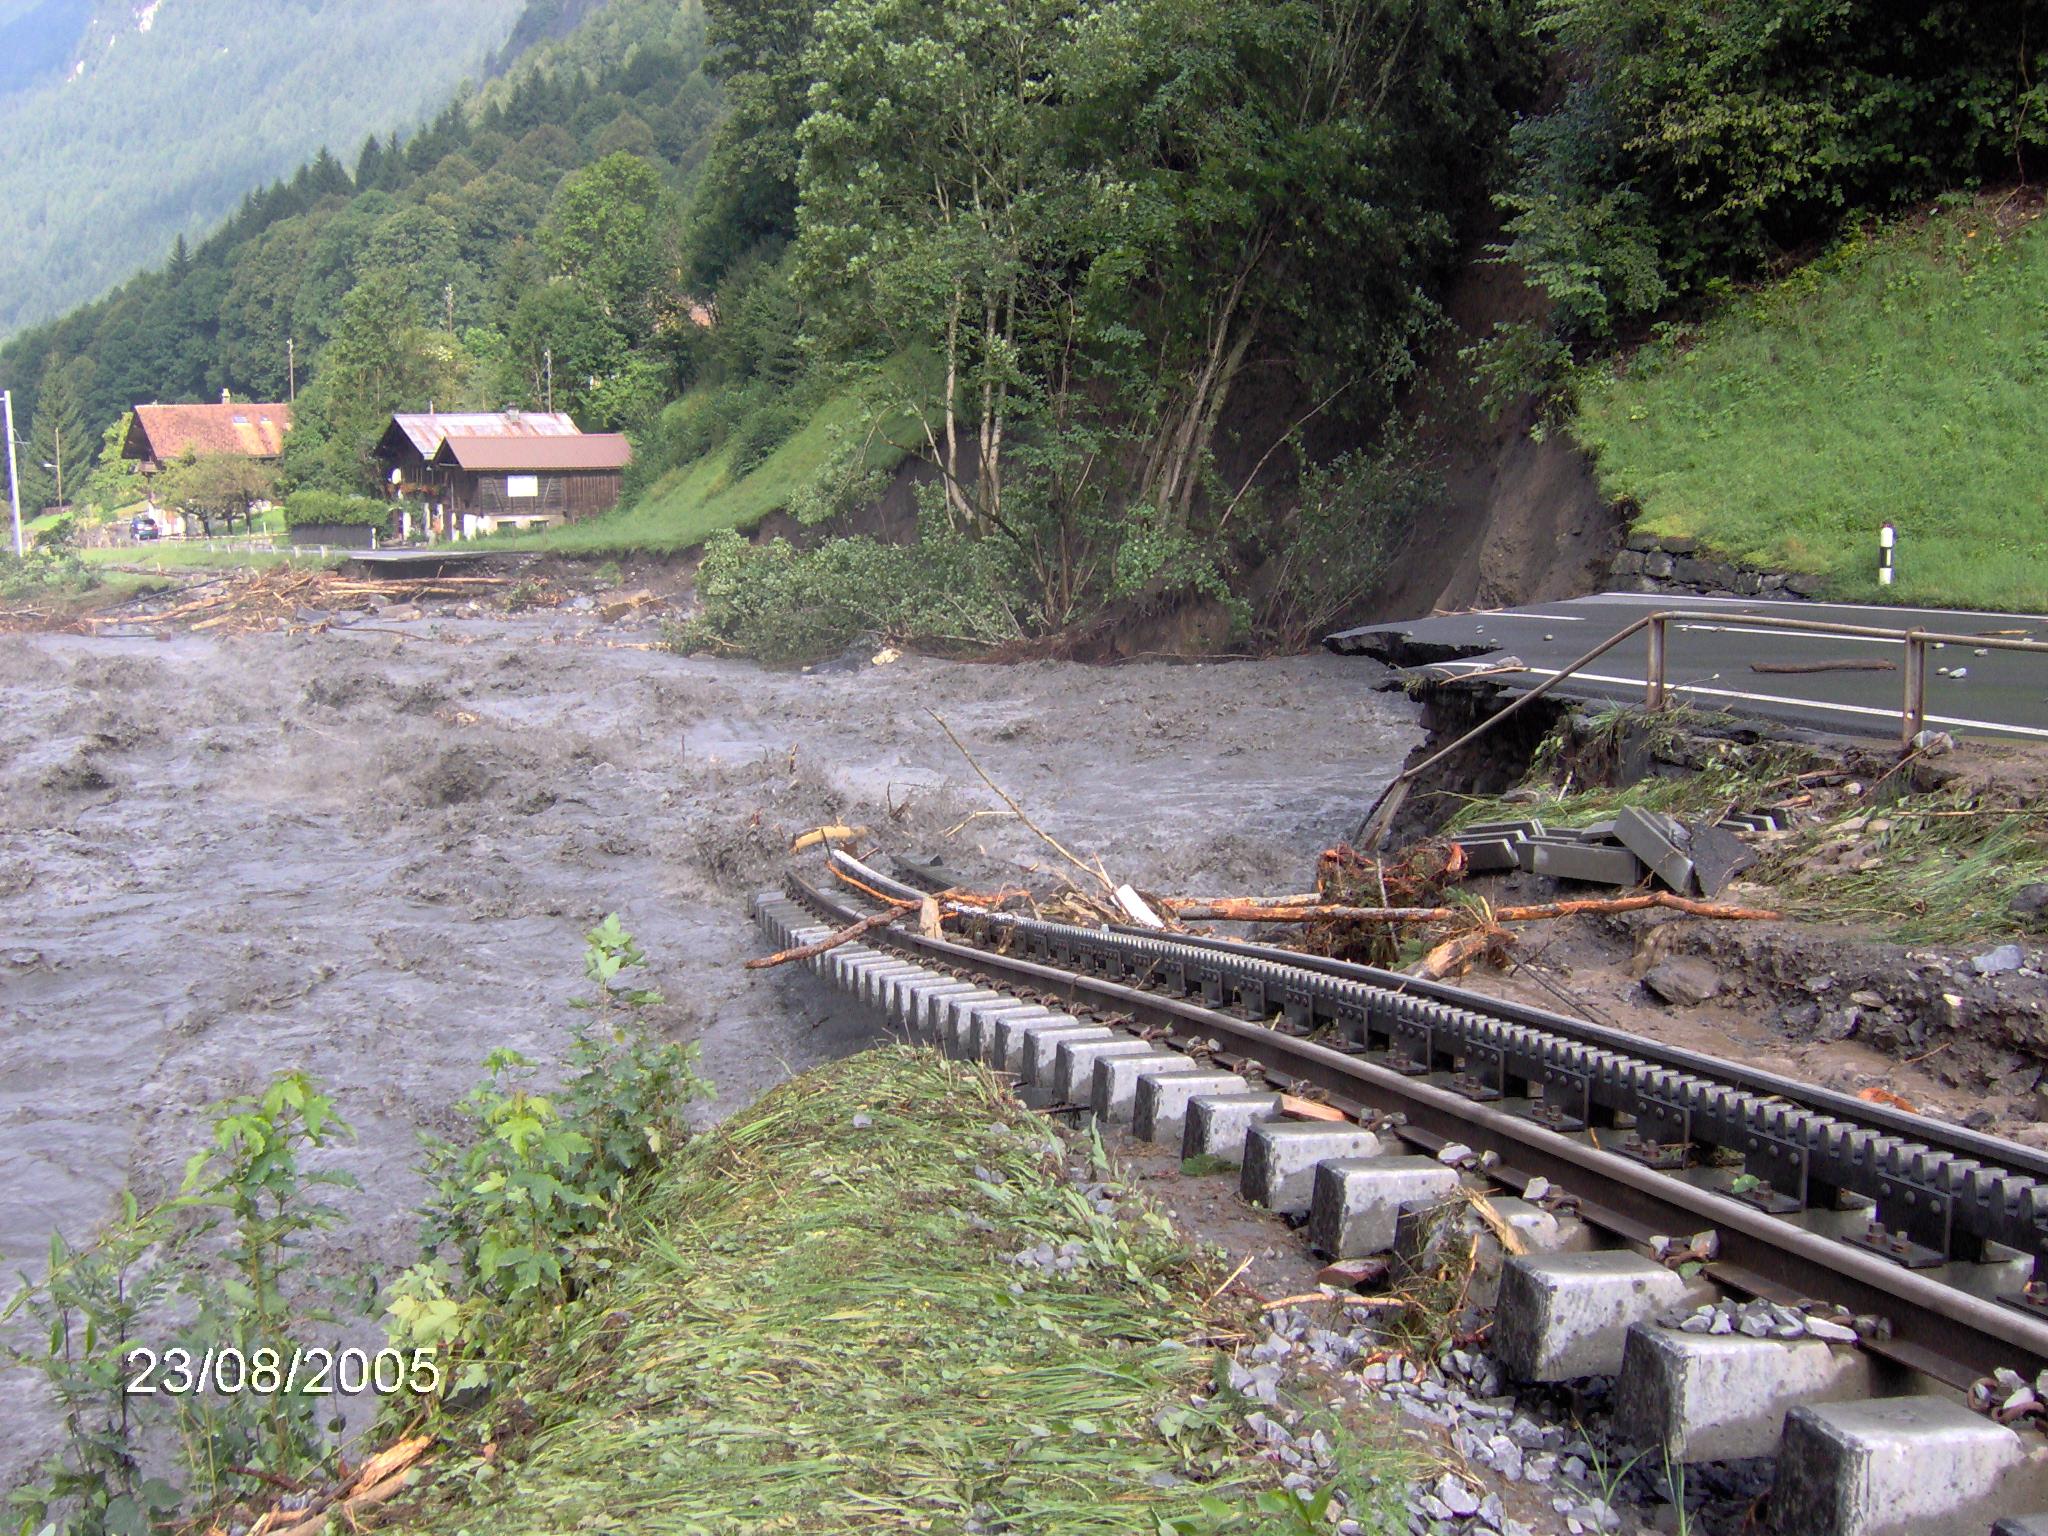 Zerstörte Schienen und Strasse in Bucholz, Lütschental, nach dem Hochwasser vom 23. August 2005. © Fachstelle Bodenschutz des Kantons Bern.